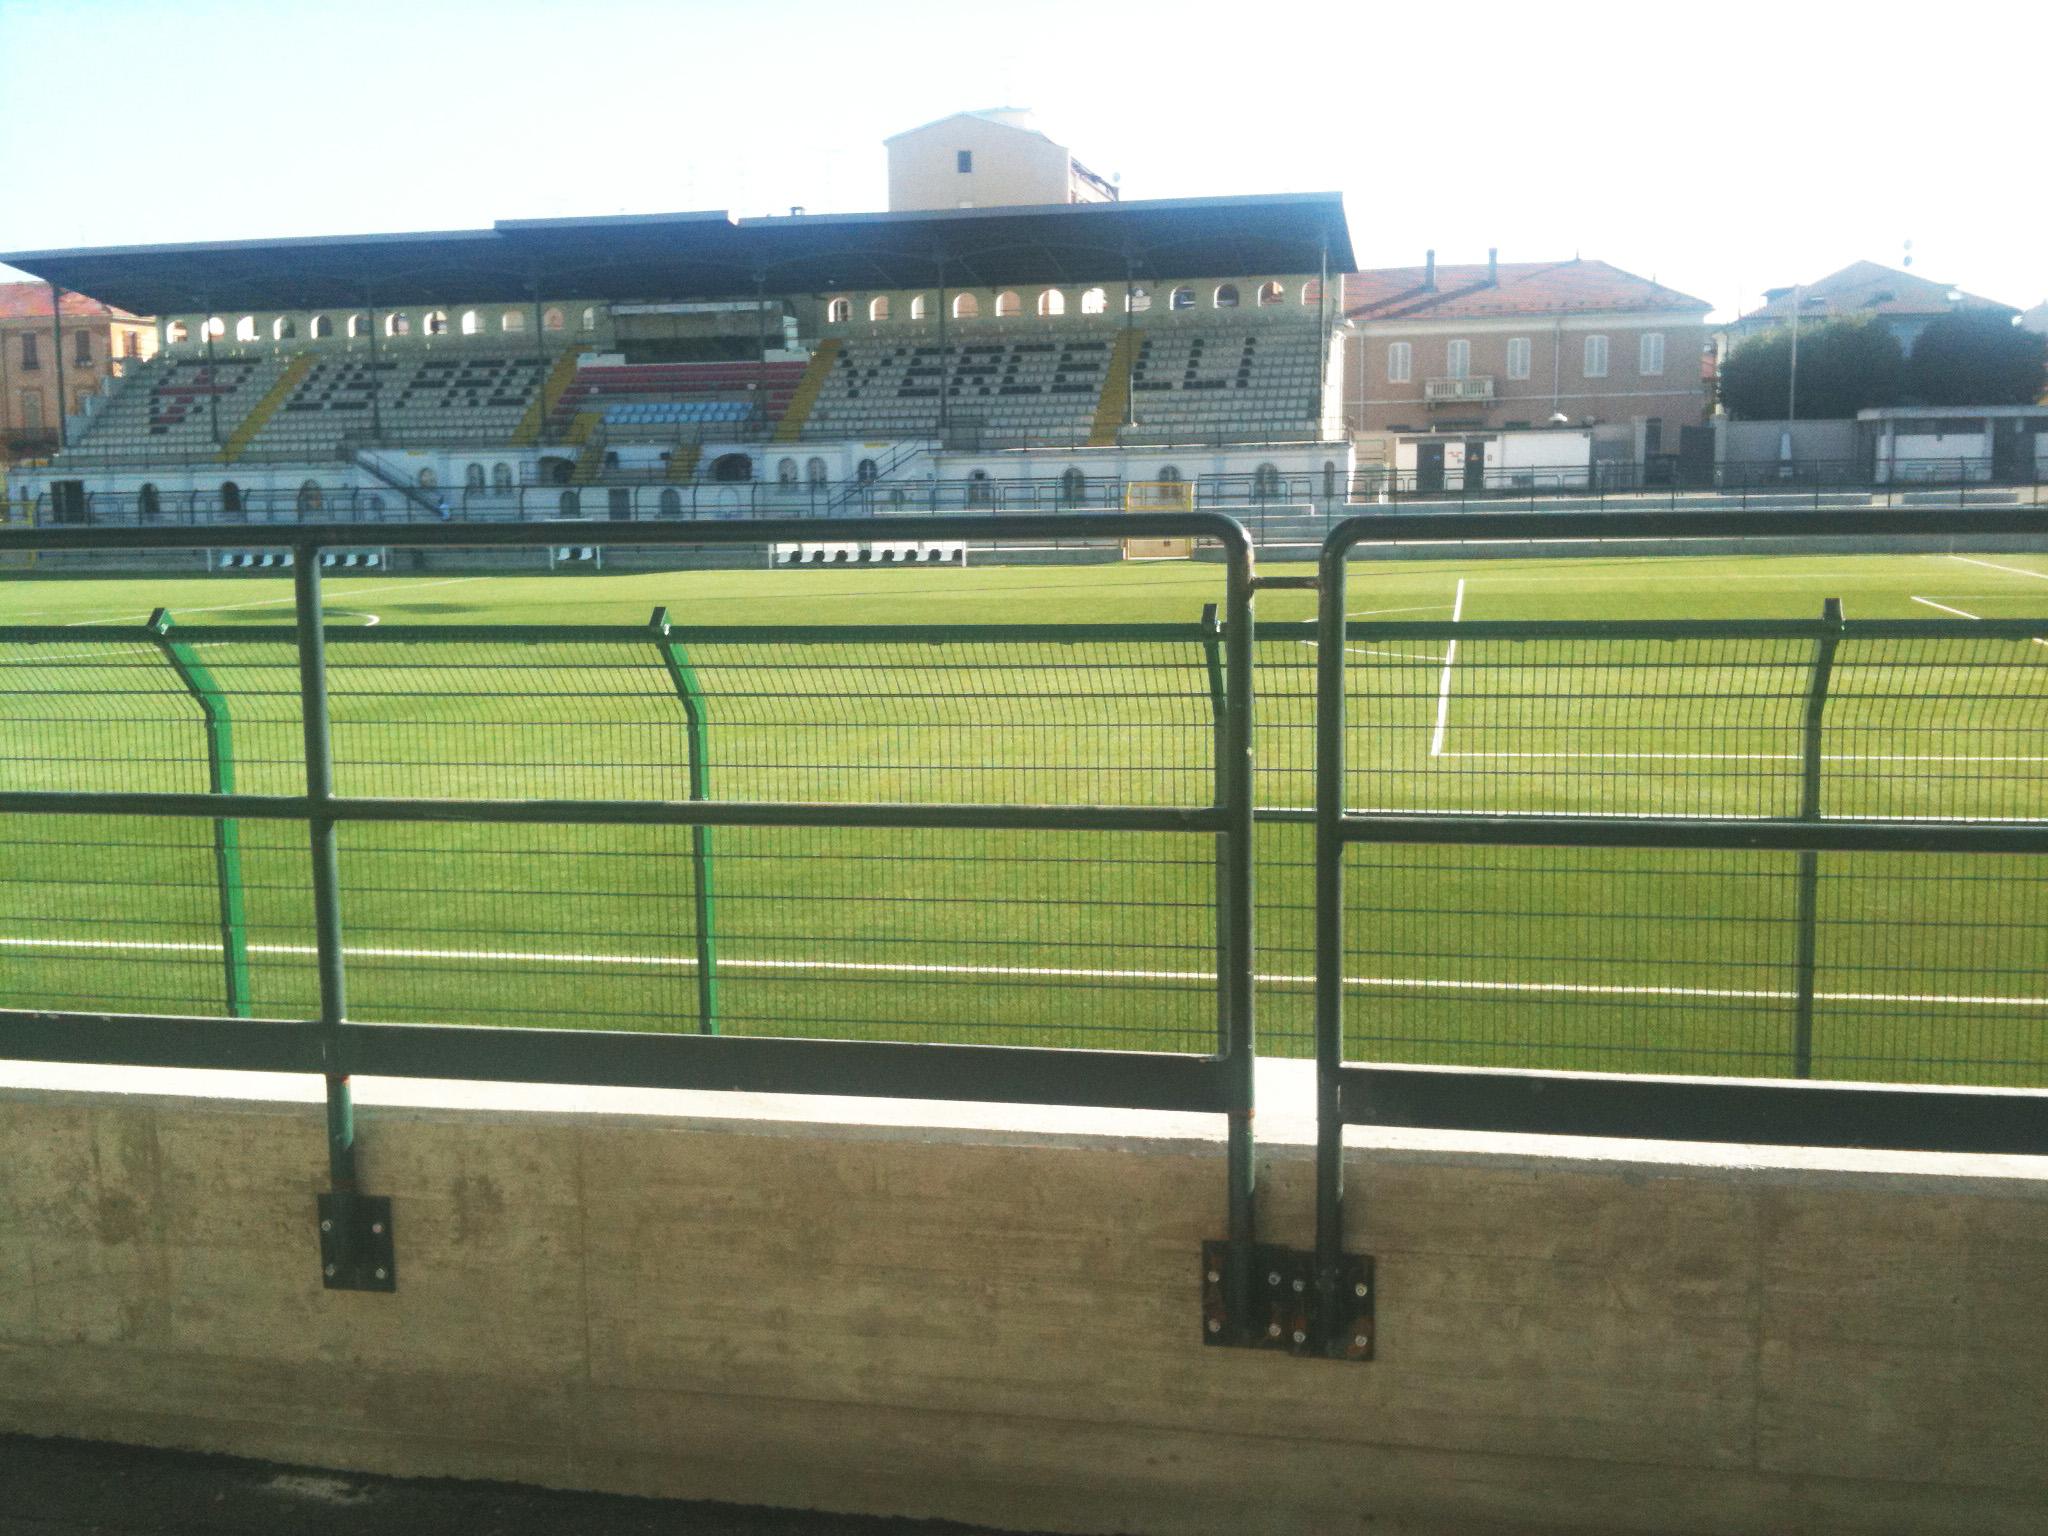 Lo stadio Piola, dove disputa le partite la prima squadra della Pro Vercelli